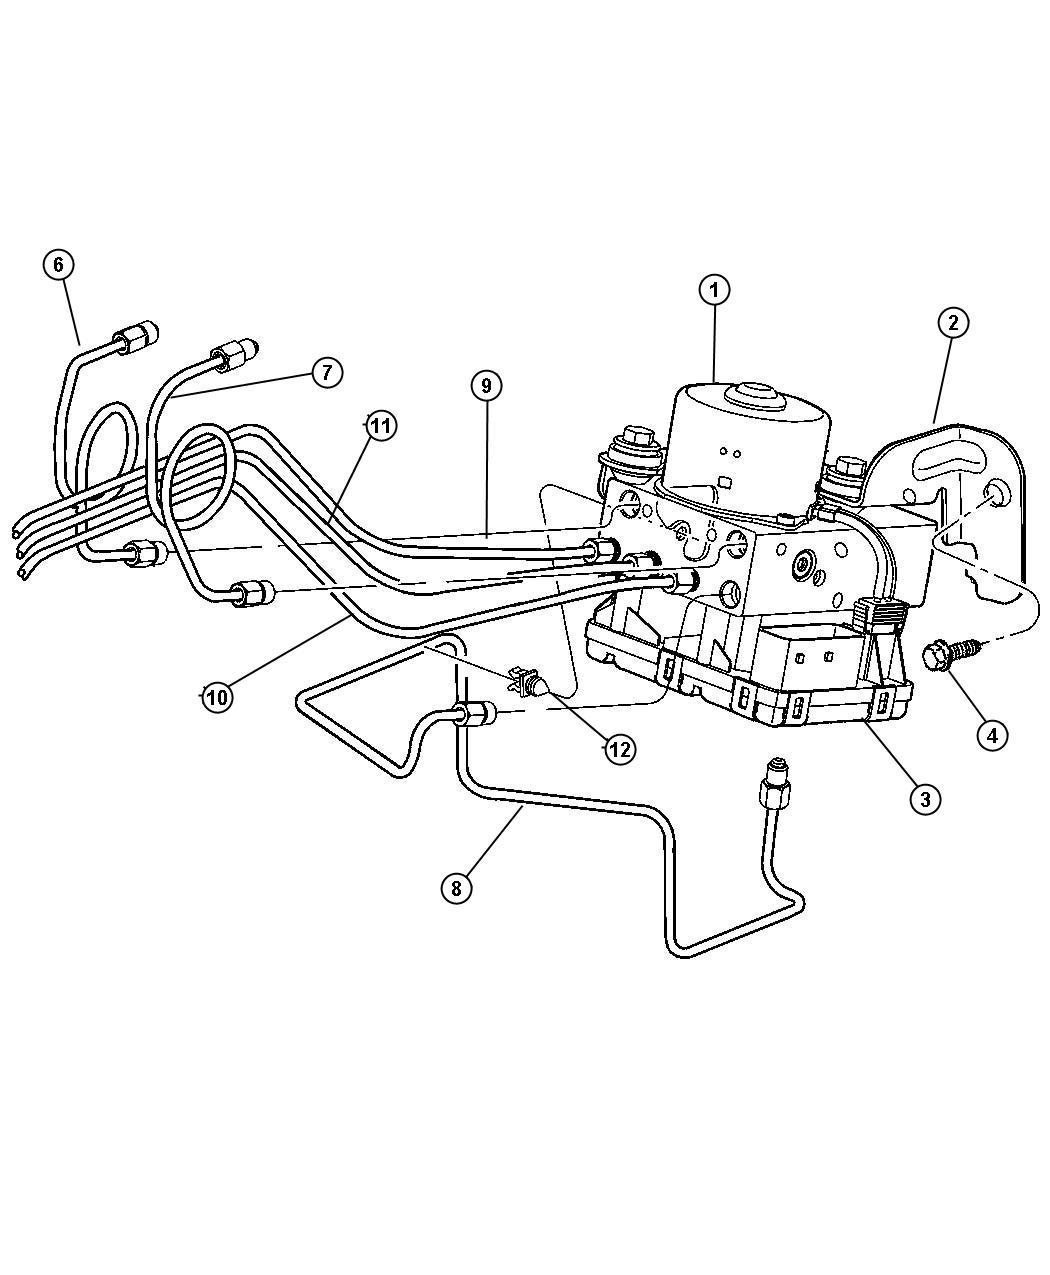 2008 Chrysler PT Cruiser Module. Anti-lock brake system